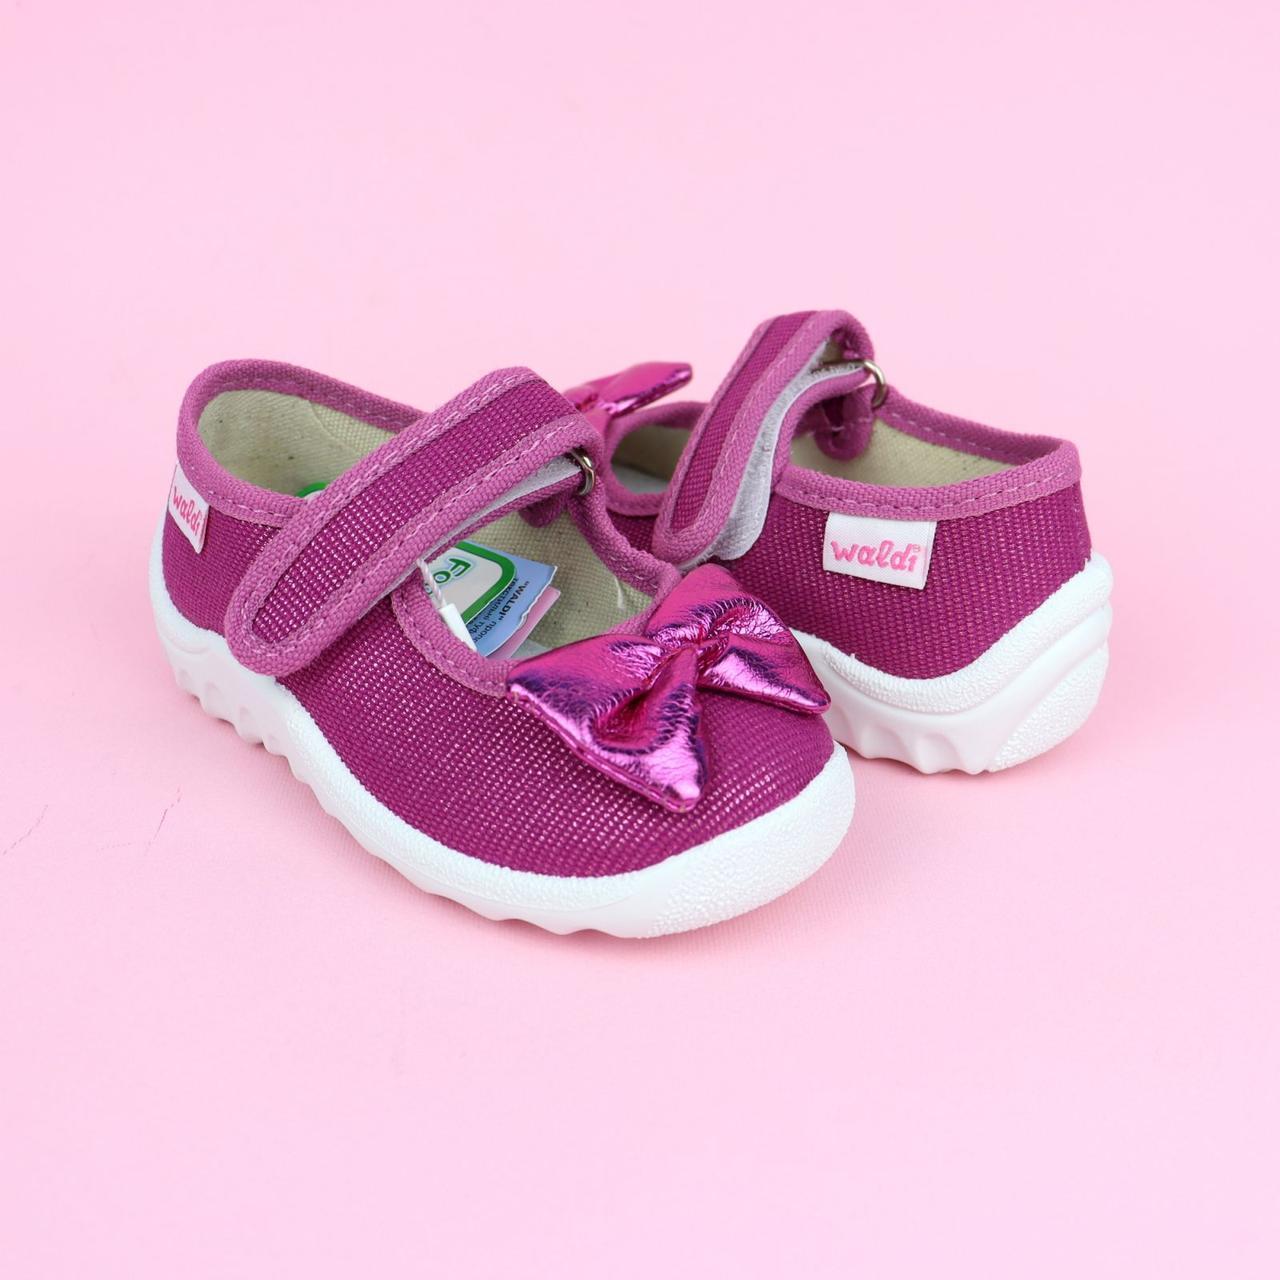 Детские текстильные туфли тапочки для девочки Катя розовый бант тм Waldi размер 21,27